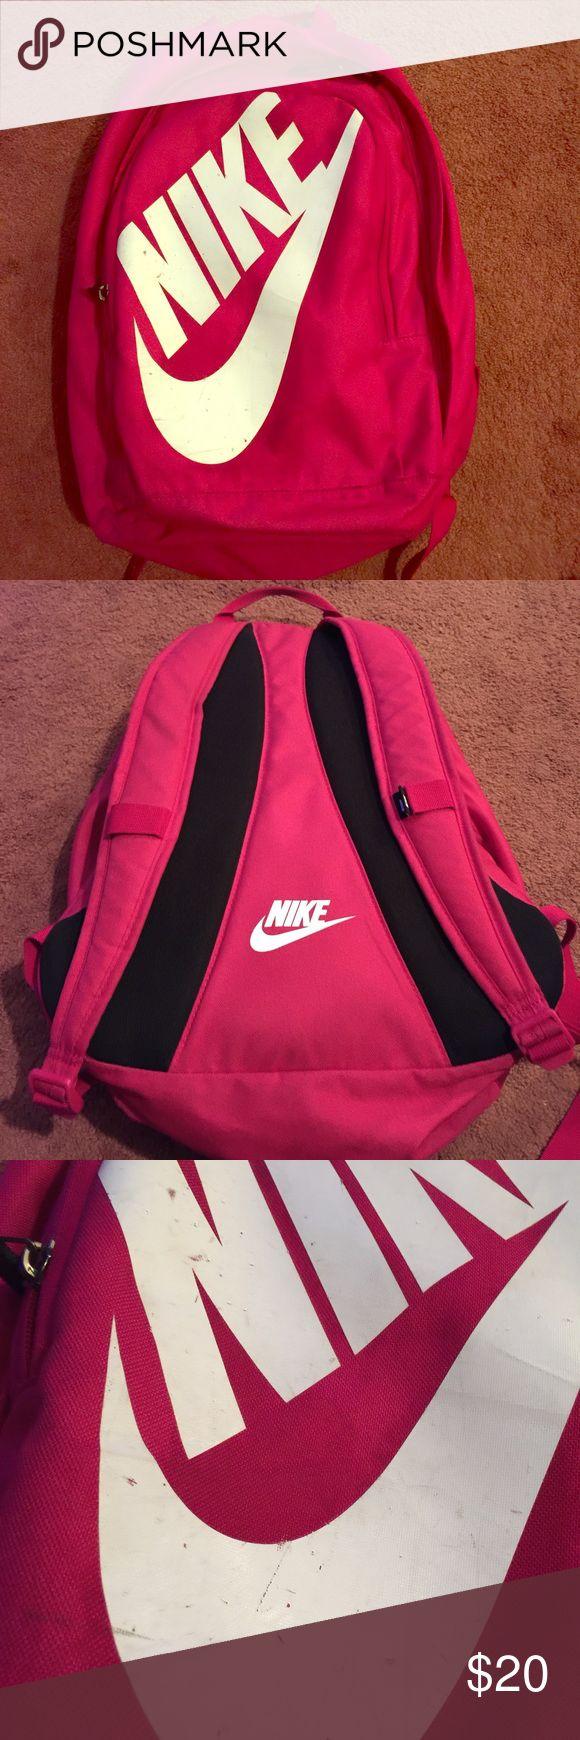 6d8f9dca9ba Buy nike pink bookbag   OFF65% Discounted